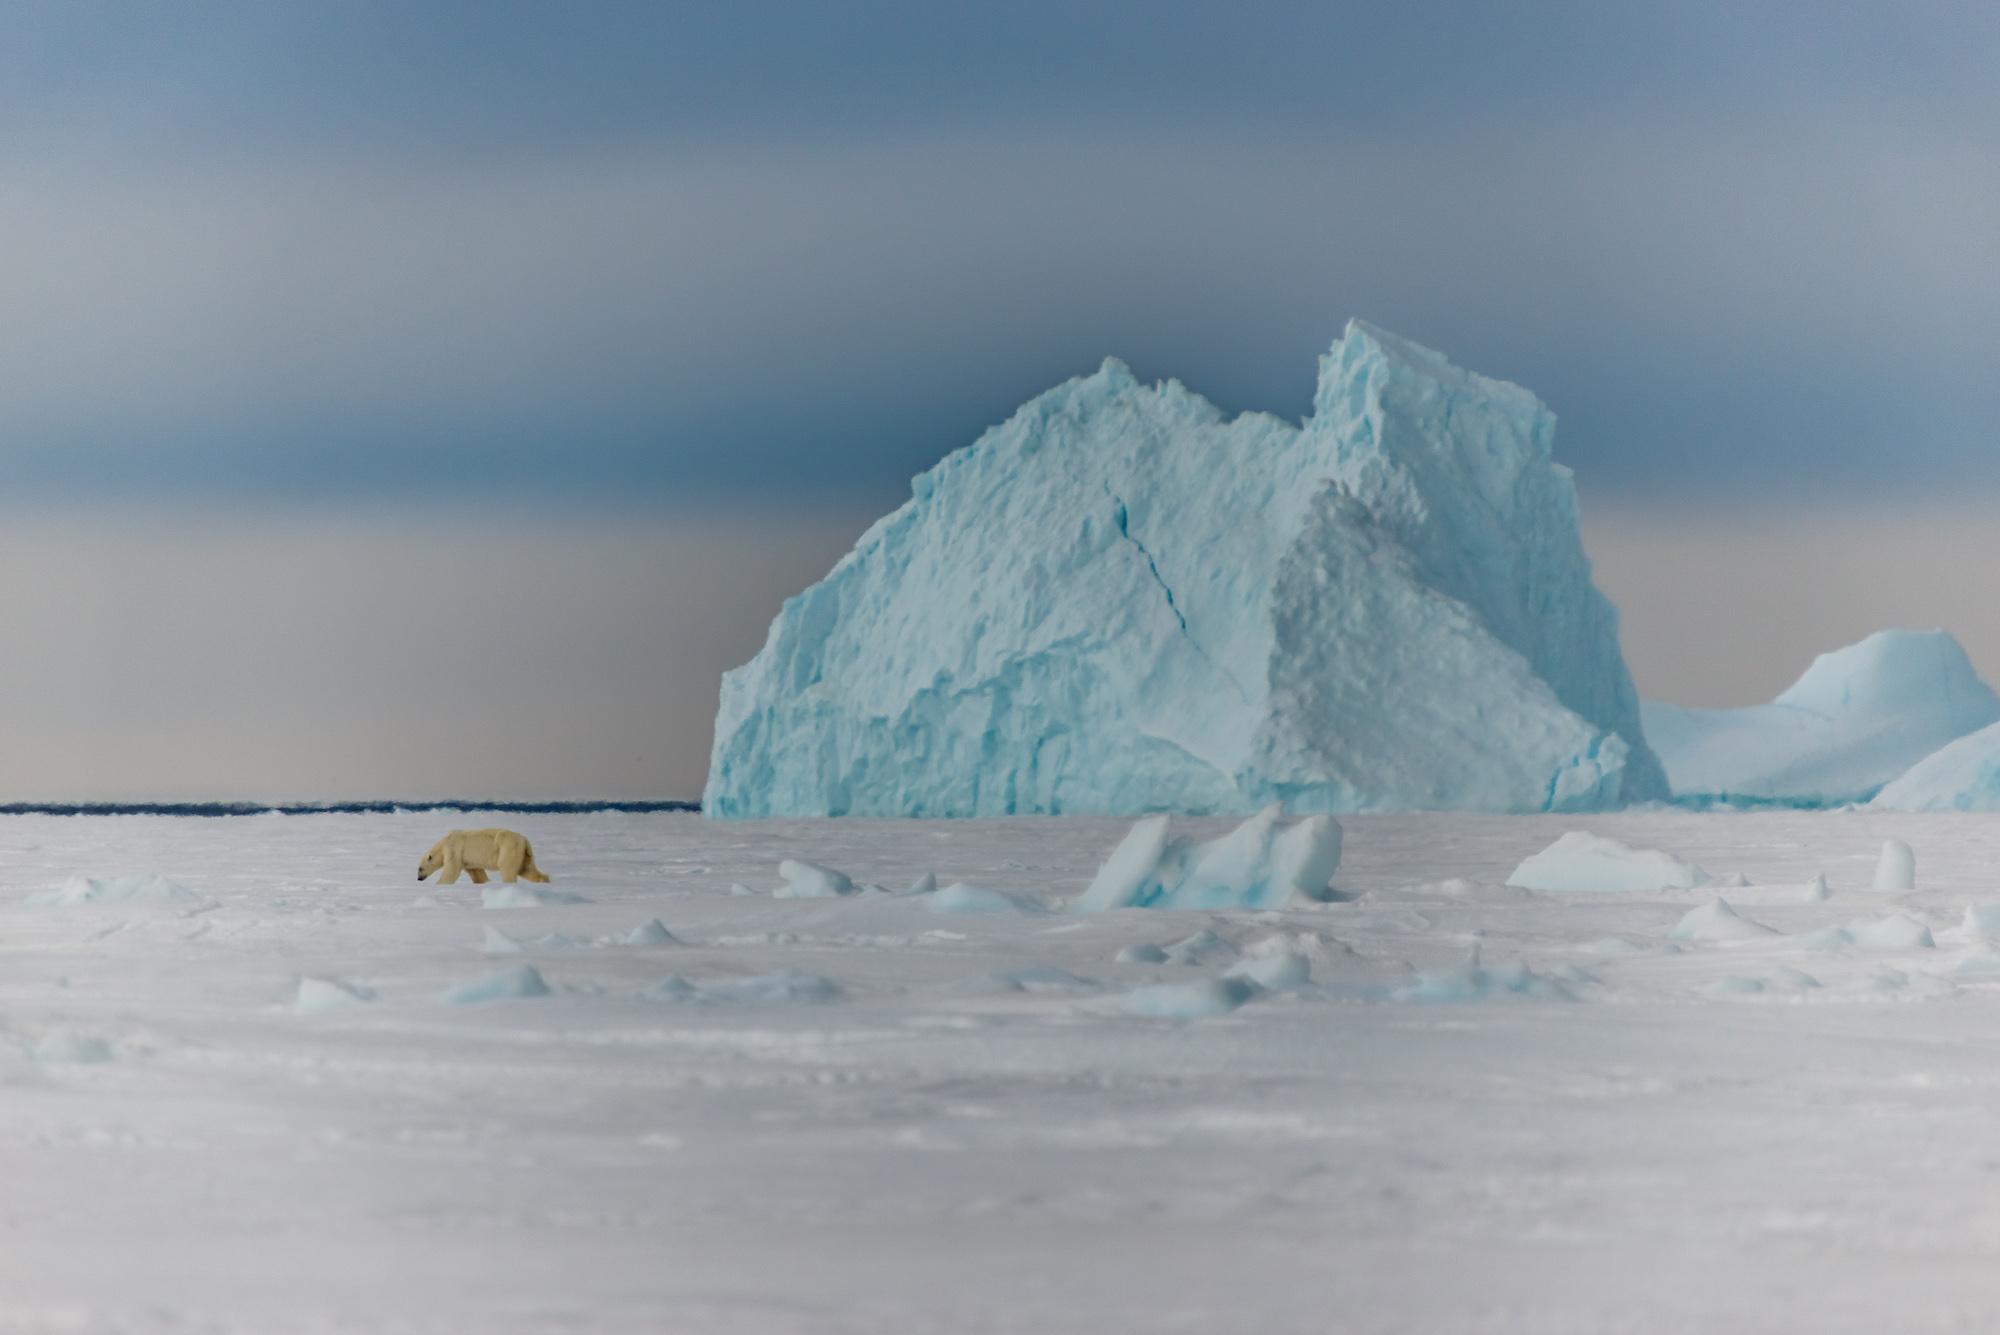 Polar Bear and Iceberg at the Floe Edge